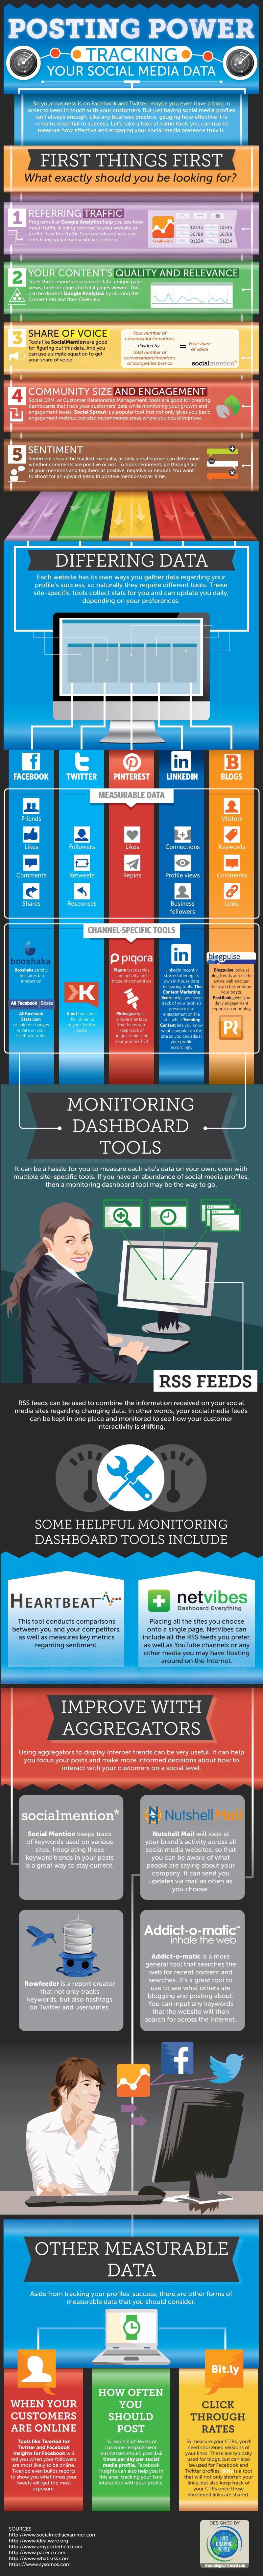 social media data tools